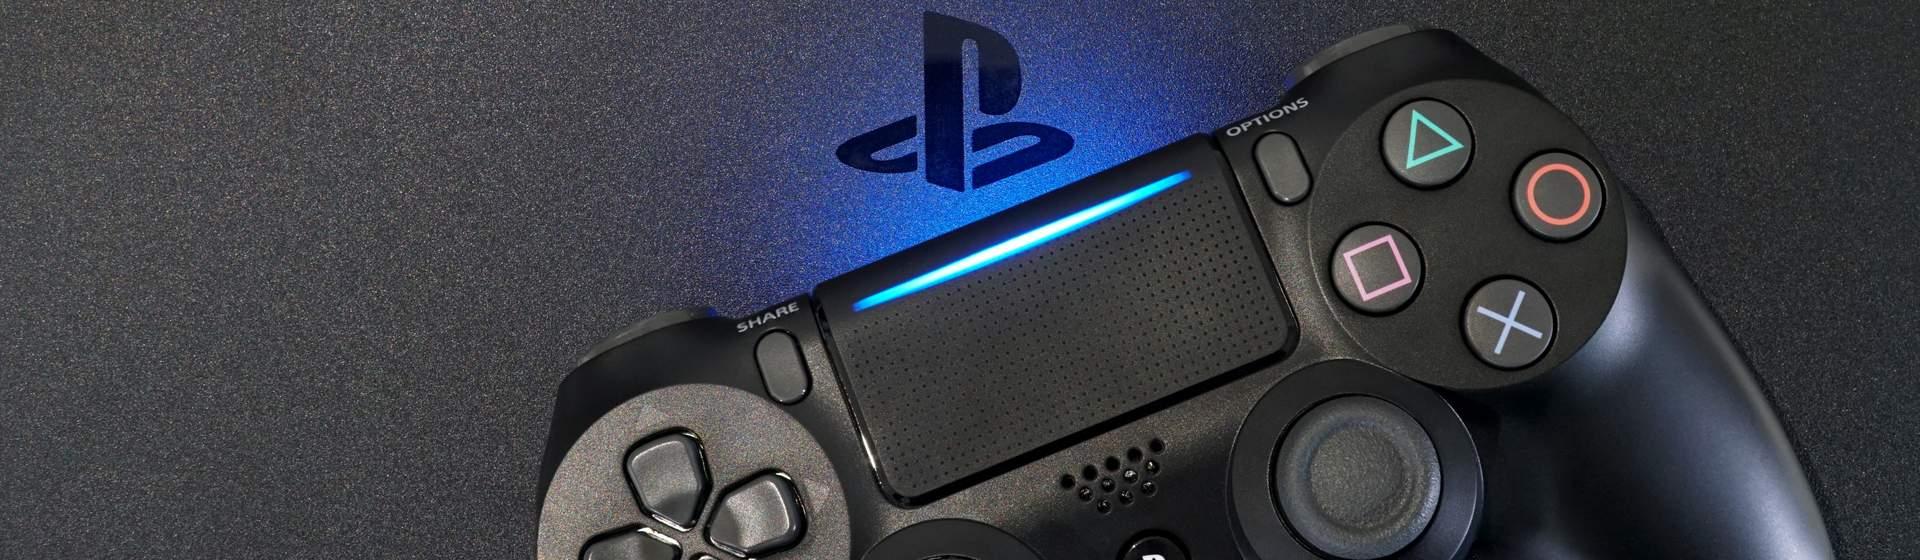 PS4: preço e análise para você saber se ainda vale a pena comprar